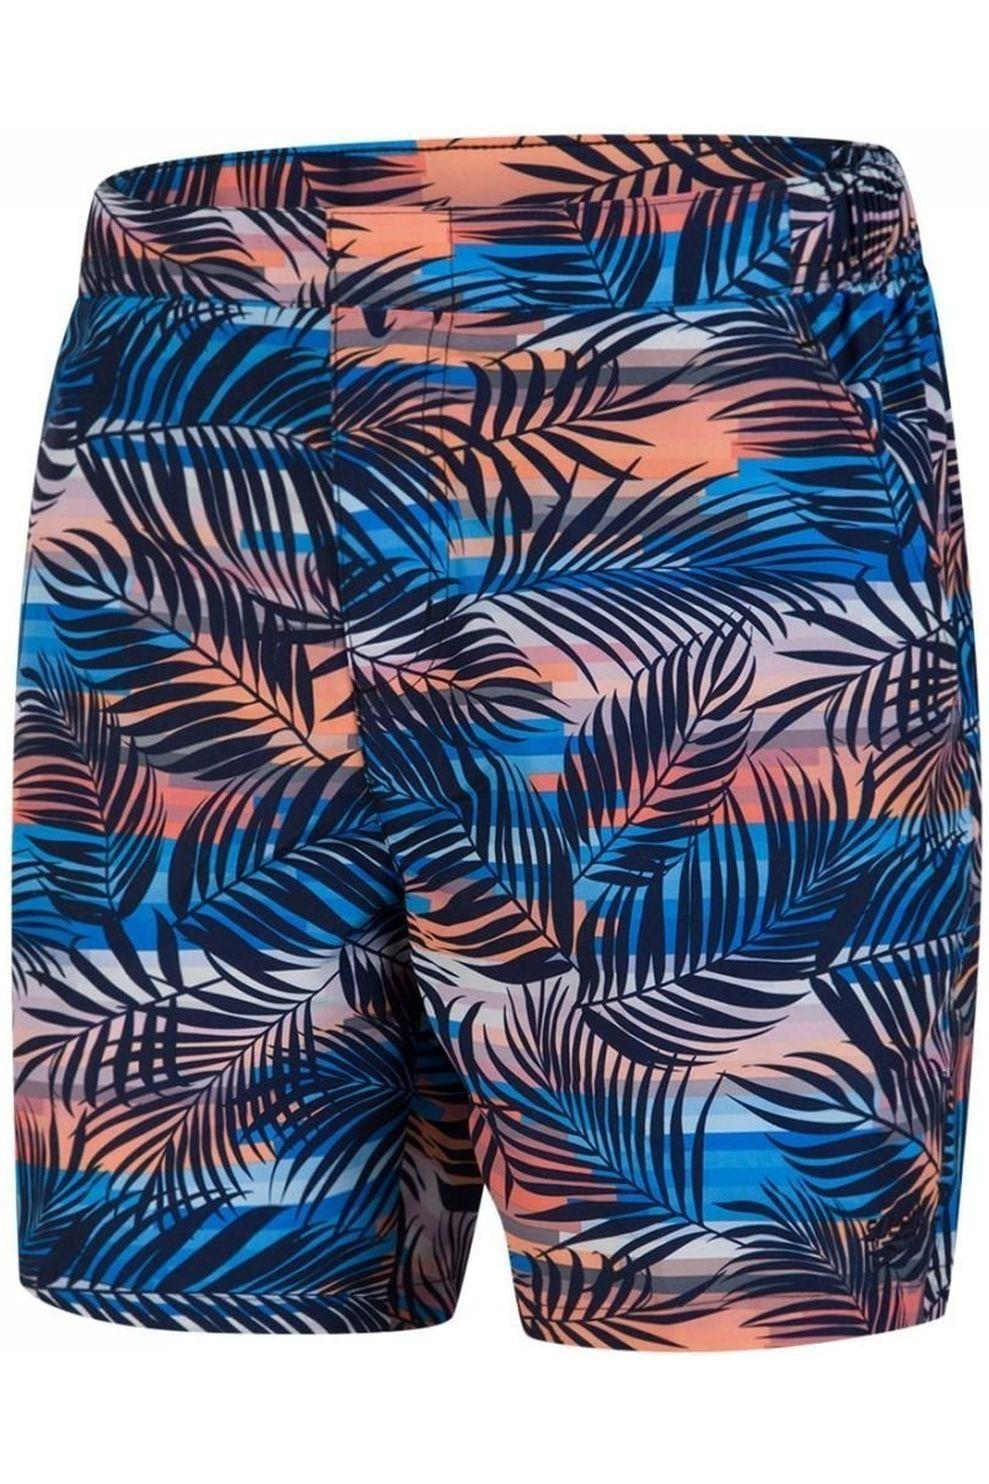 Speedo Zwemshort Vintage Paradise 16 voor heren - Maten: S, M, L, XL